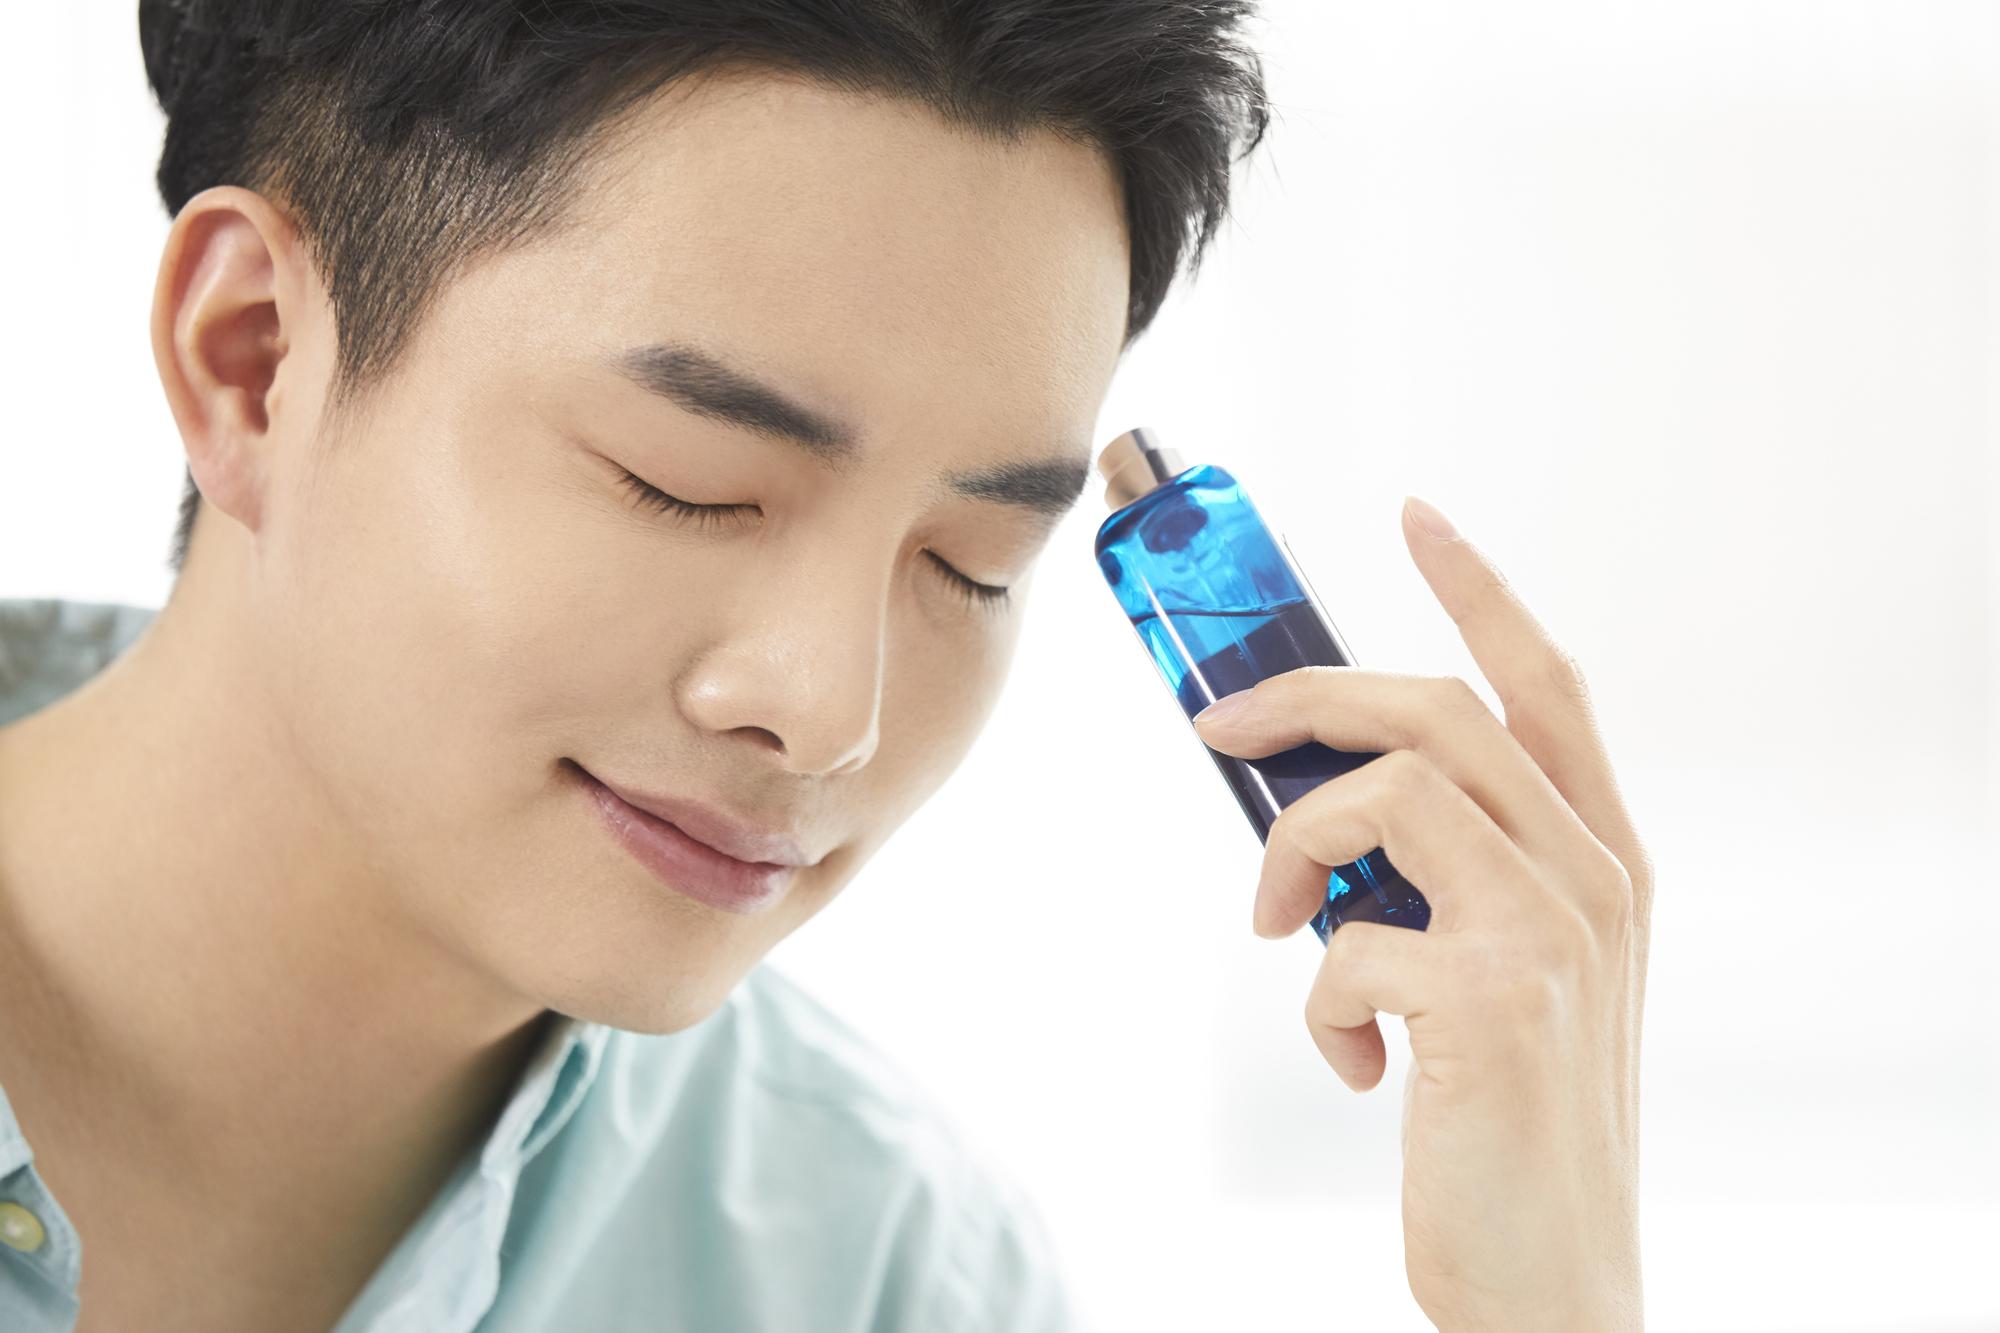 【2020年最新】メンズに人気の年代別男性用香水ランキング10選のサムネイル